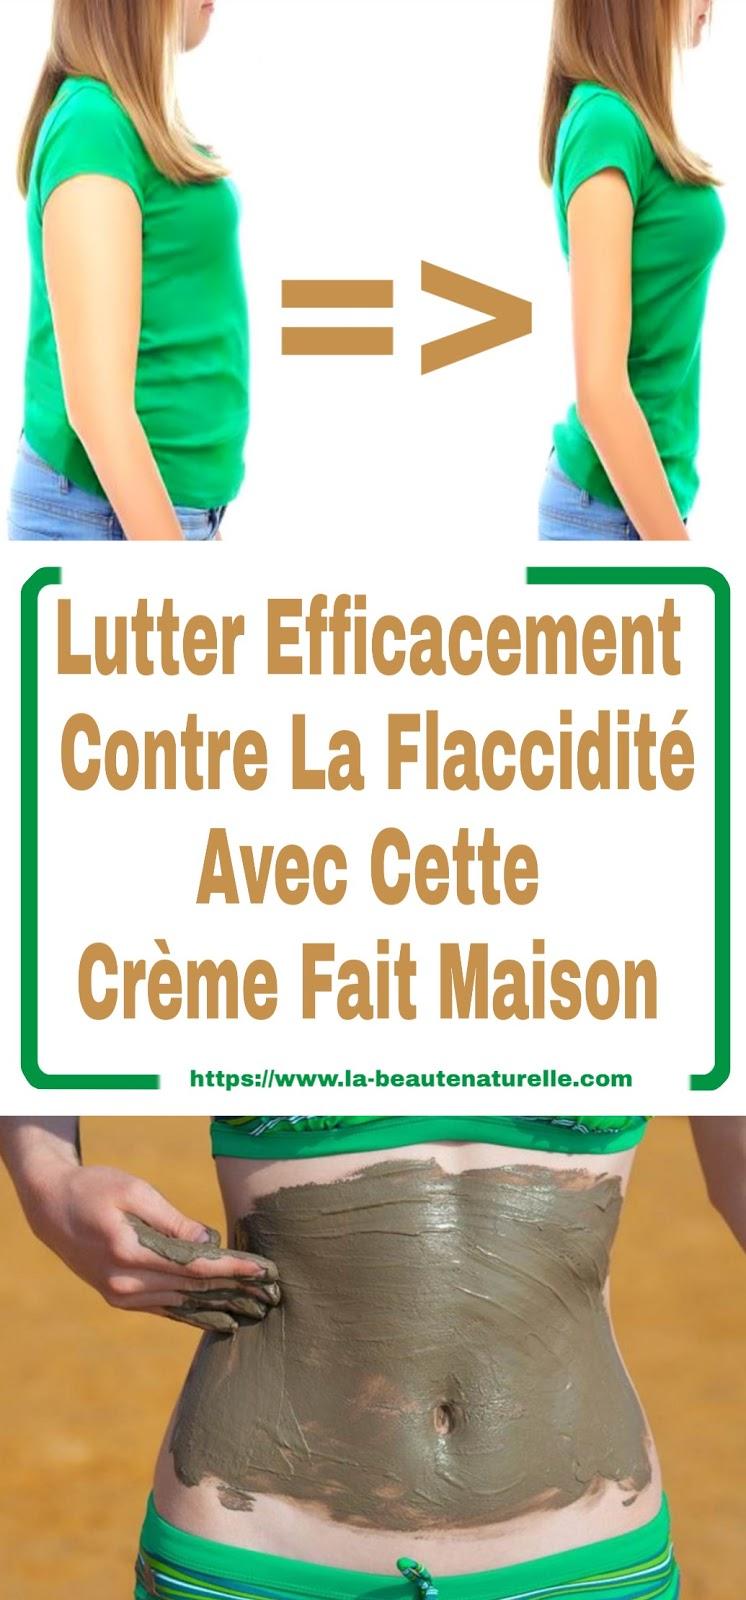 Lutter Efficacement Contre La Flaccidité Avec Cette Crème Fait Maison